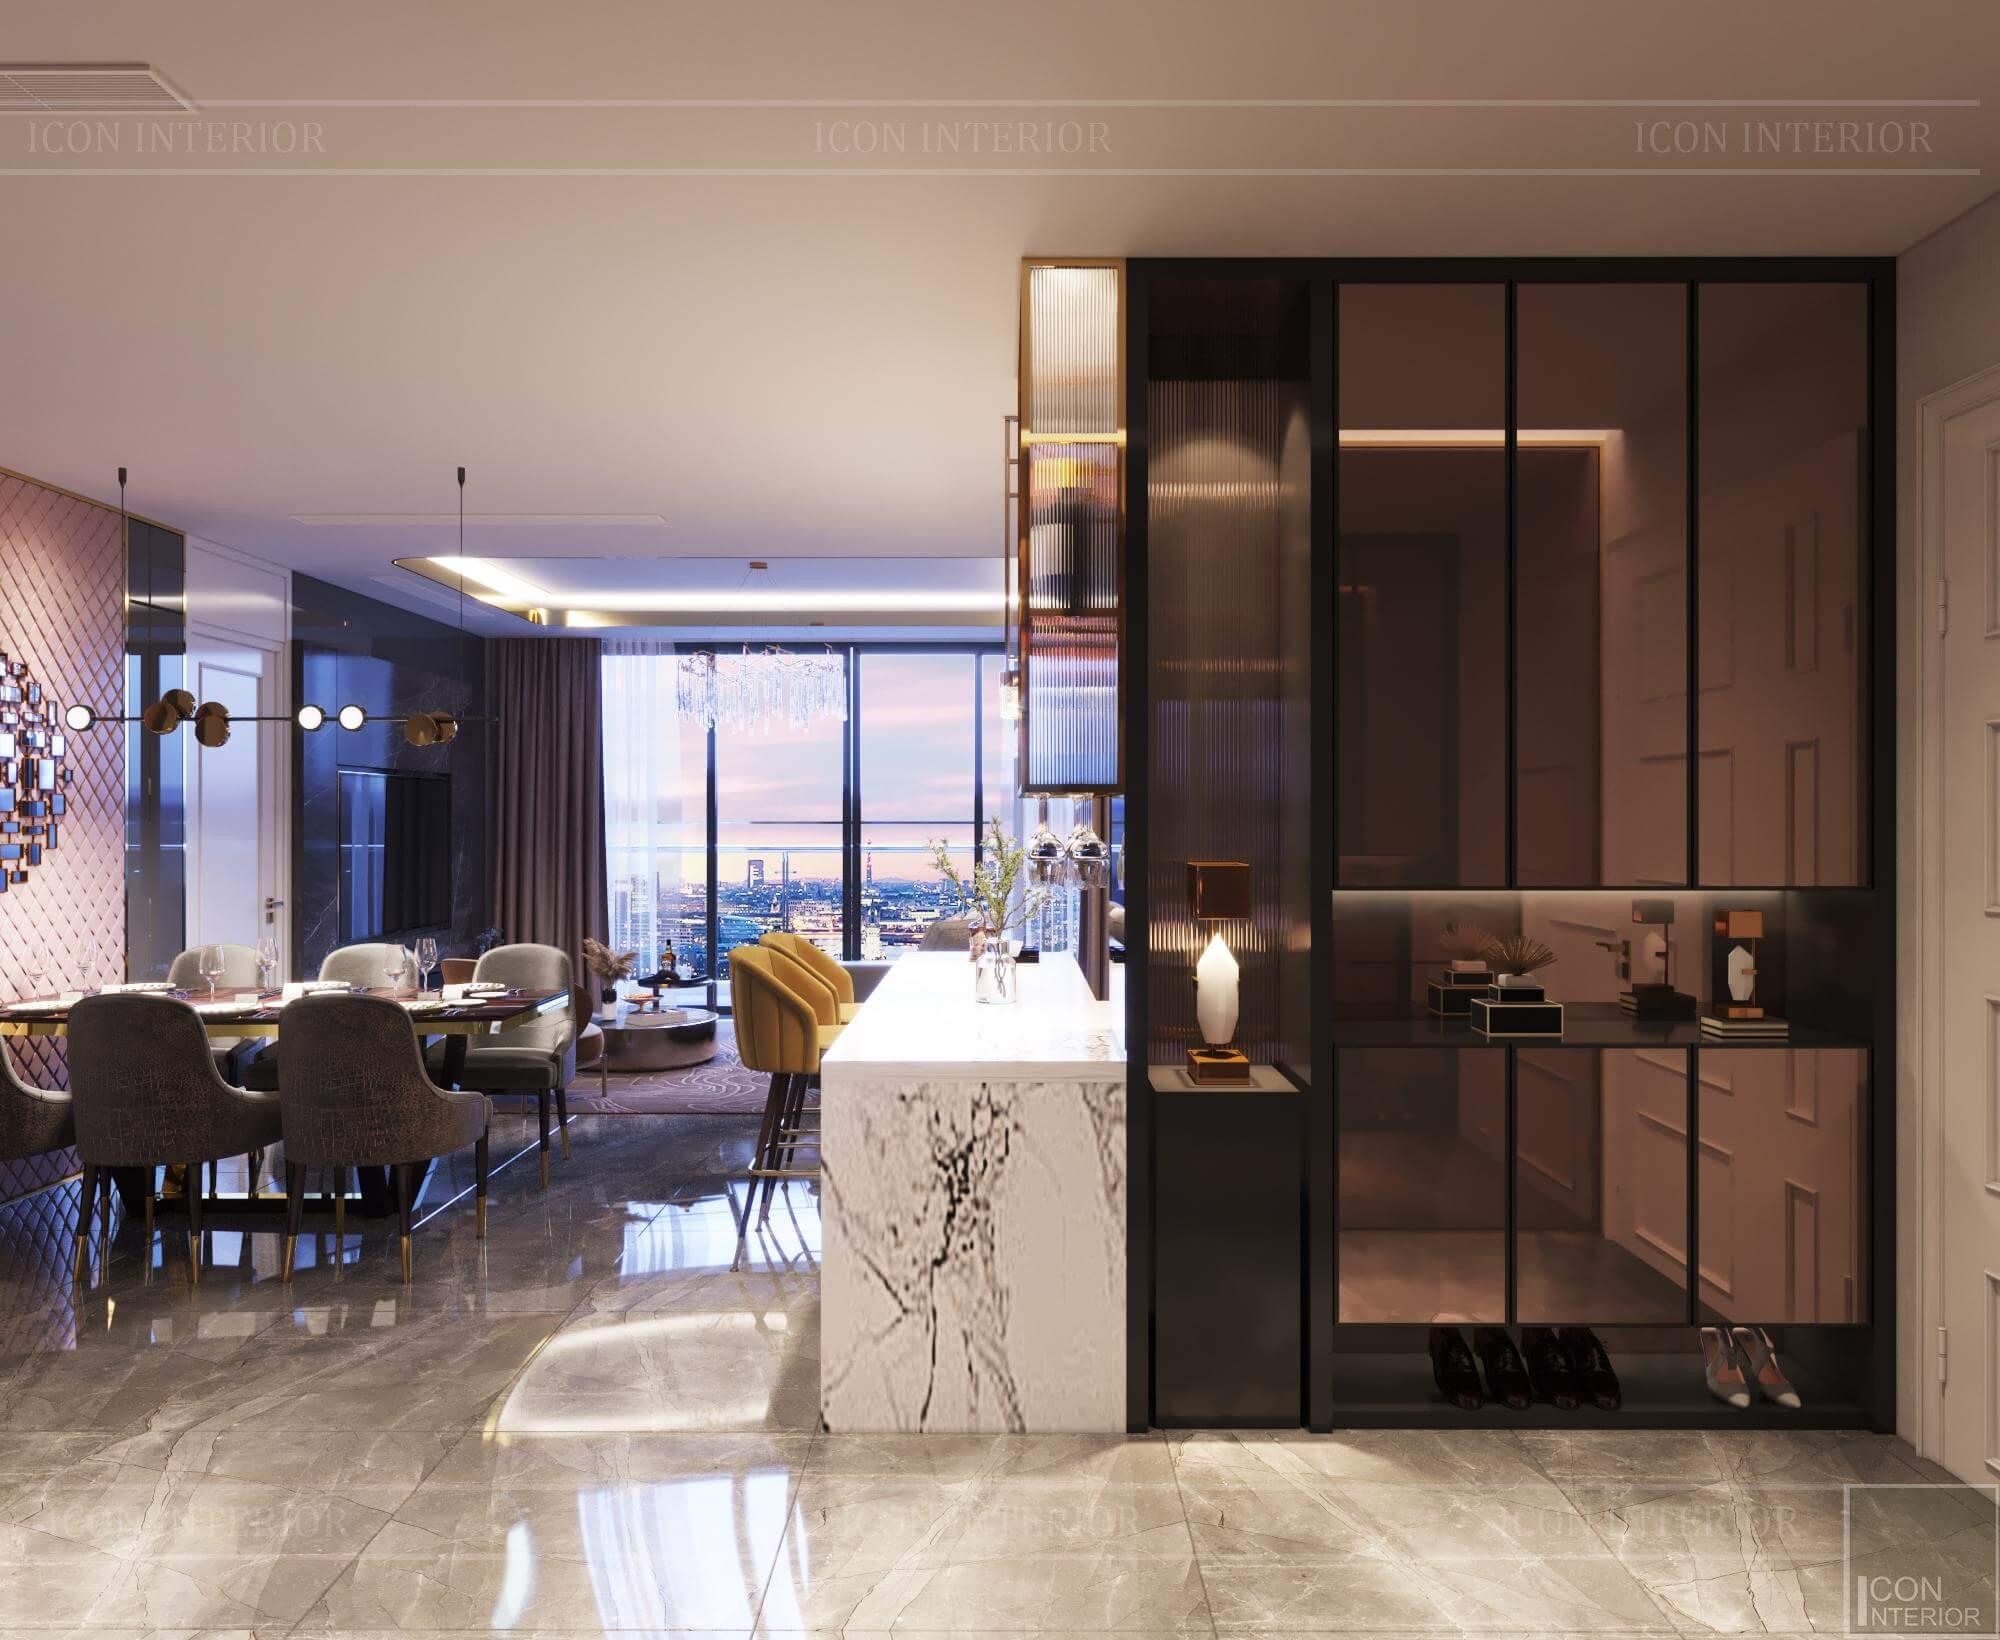 Thiết kế nội thất căn hộ Vinhomes BaSon Ms.TINA - tổng thể căn hộ